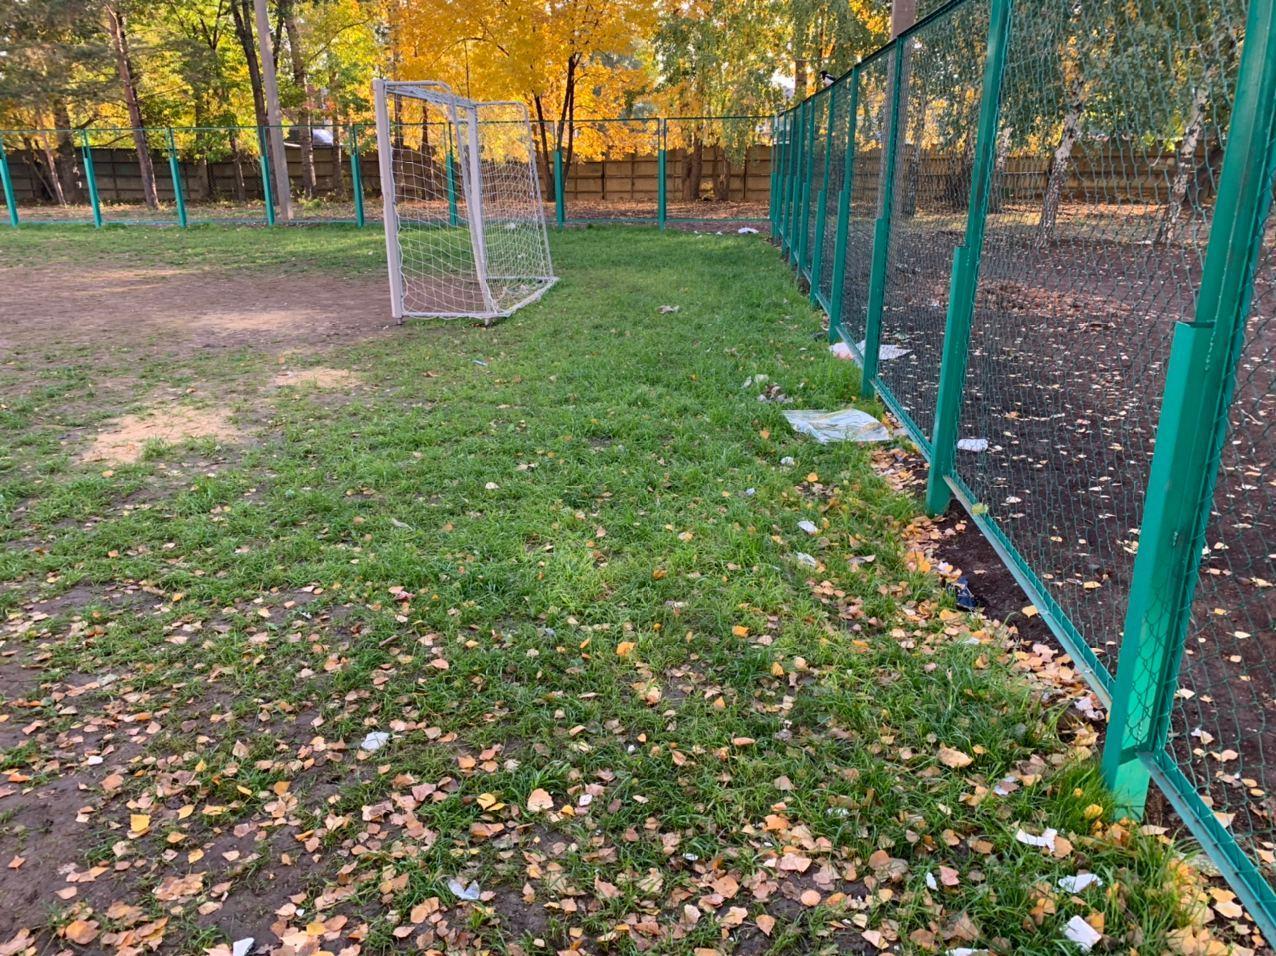 Футбольное поле с люками. Жители Оренбурга не оценили спортплощадку, оборудованную по поручению Путина